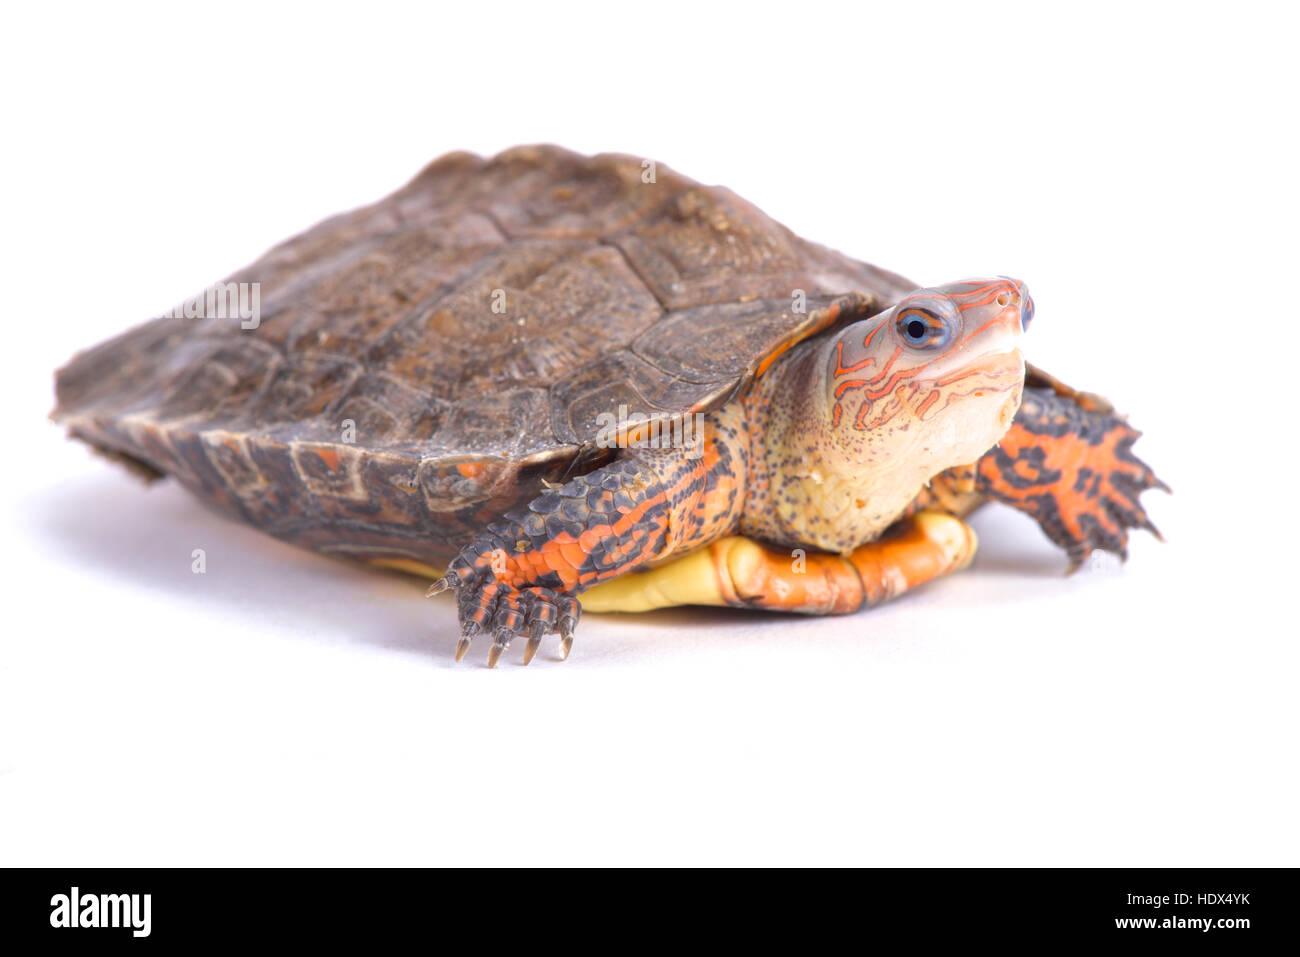 Ornate wood turtle, Rhinoclemmys pulcherrima manni - Stock Image